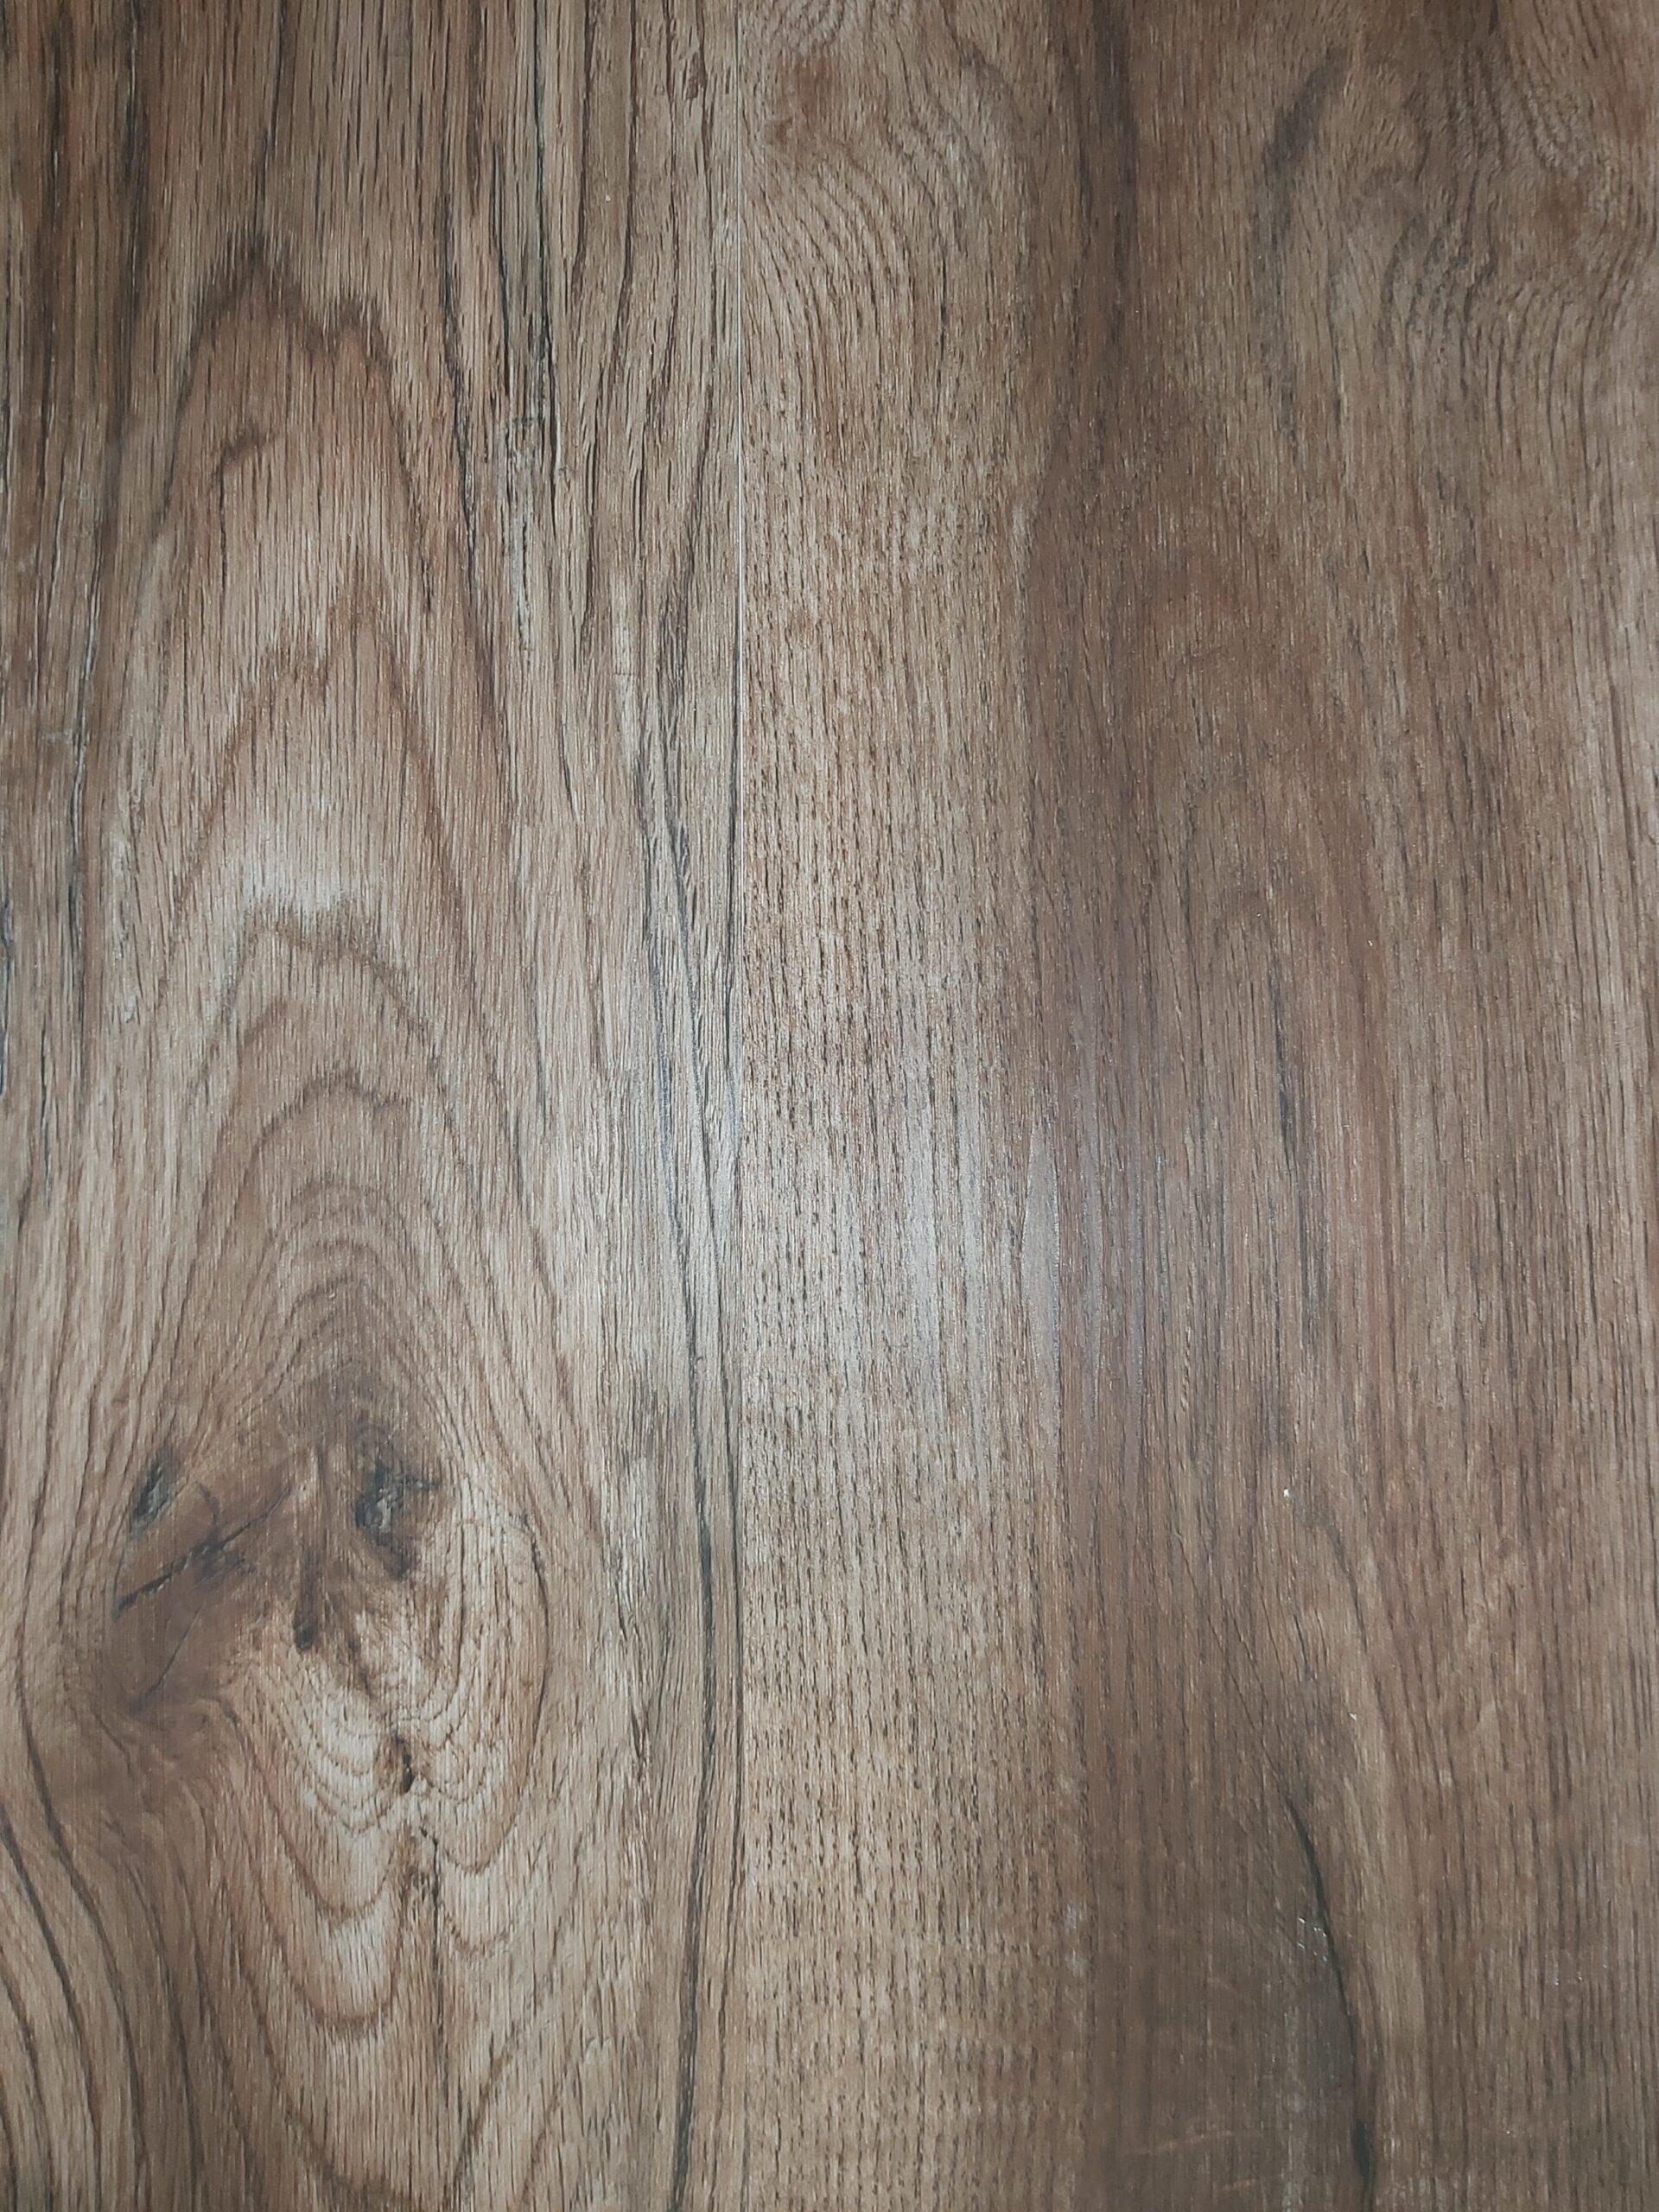 Vintage Timber 5MM